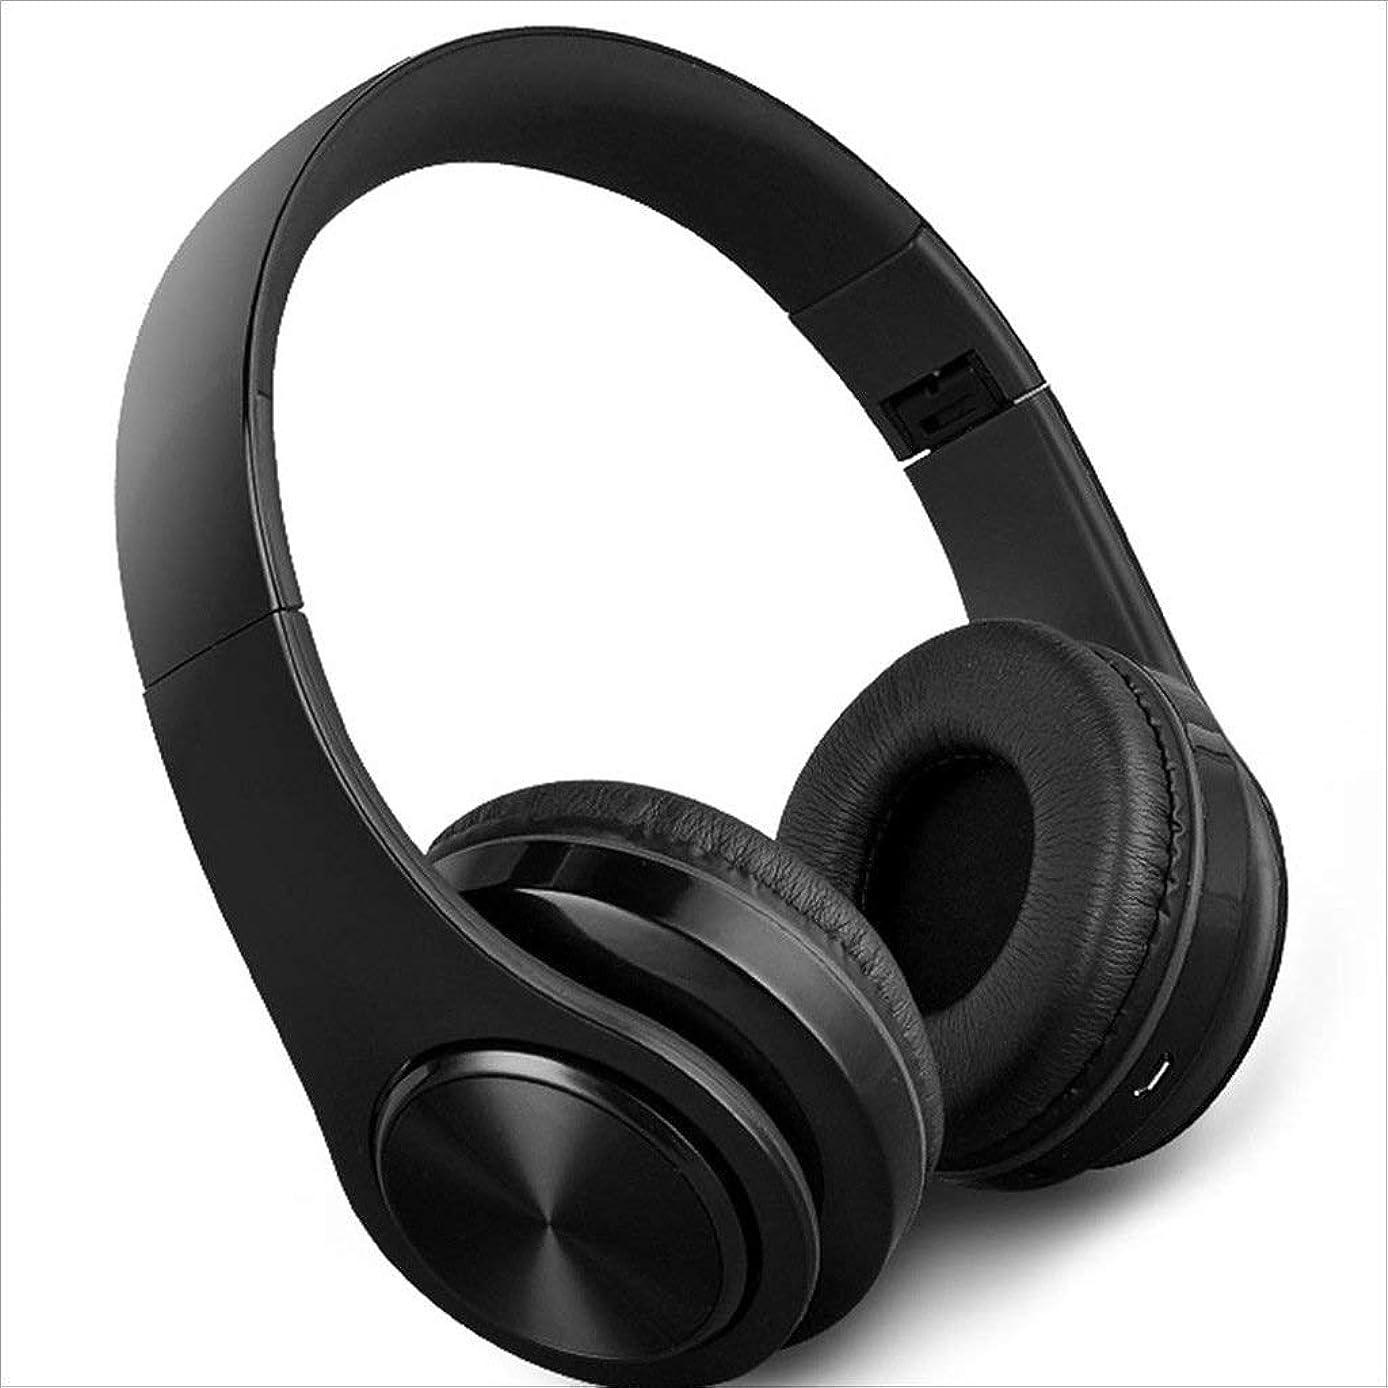 可聴豚肉気体のXHMCDZ ワイヤレスヘッドフォンブルートゥースヘッドセットゲーミングフォンユニバーサルカードミュージックサブウーファー8時間連続歌/コンピュータフォンユニバーサル/フォールドポータブル (色 : 黒)